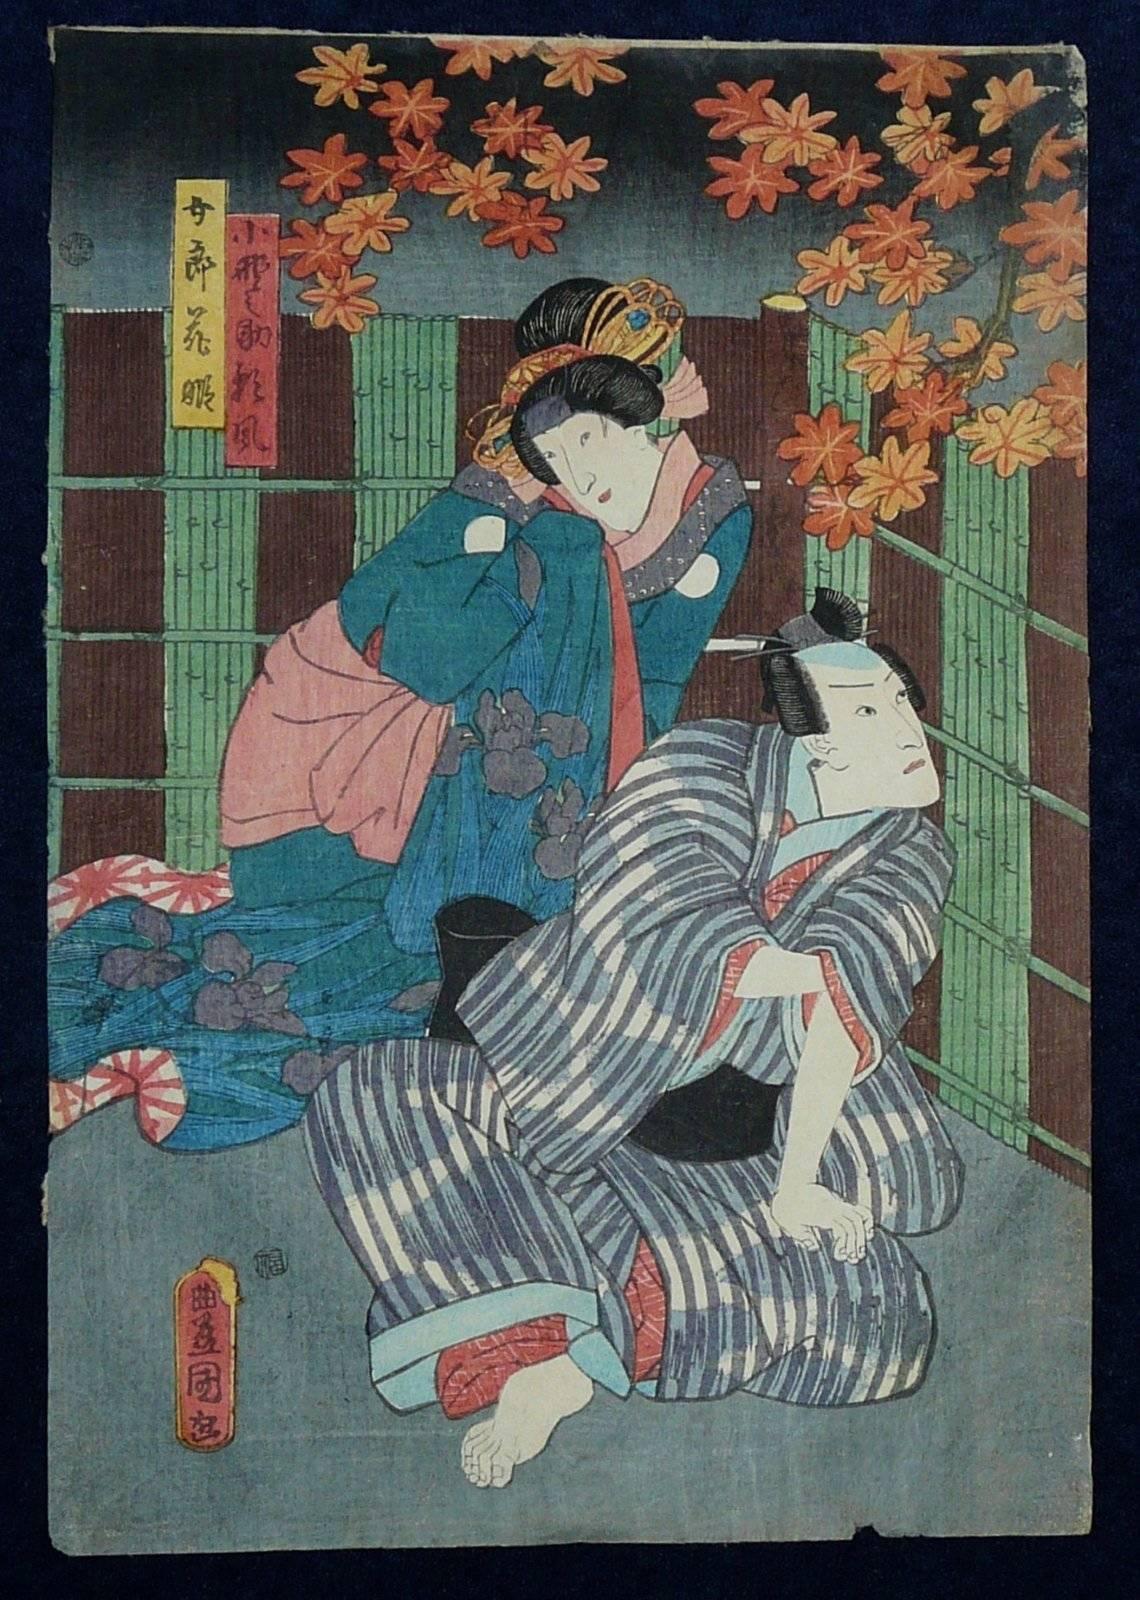 UTAGAWA KUNISADA: #P3864 NIGHT TIME MEETING IN THE GARDEN Circa 1850